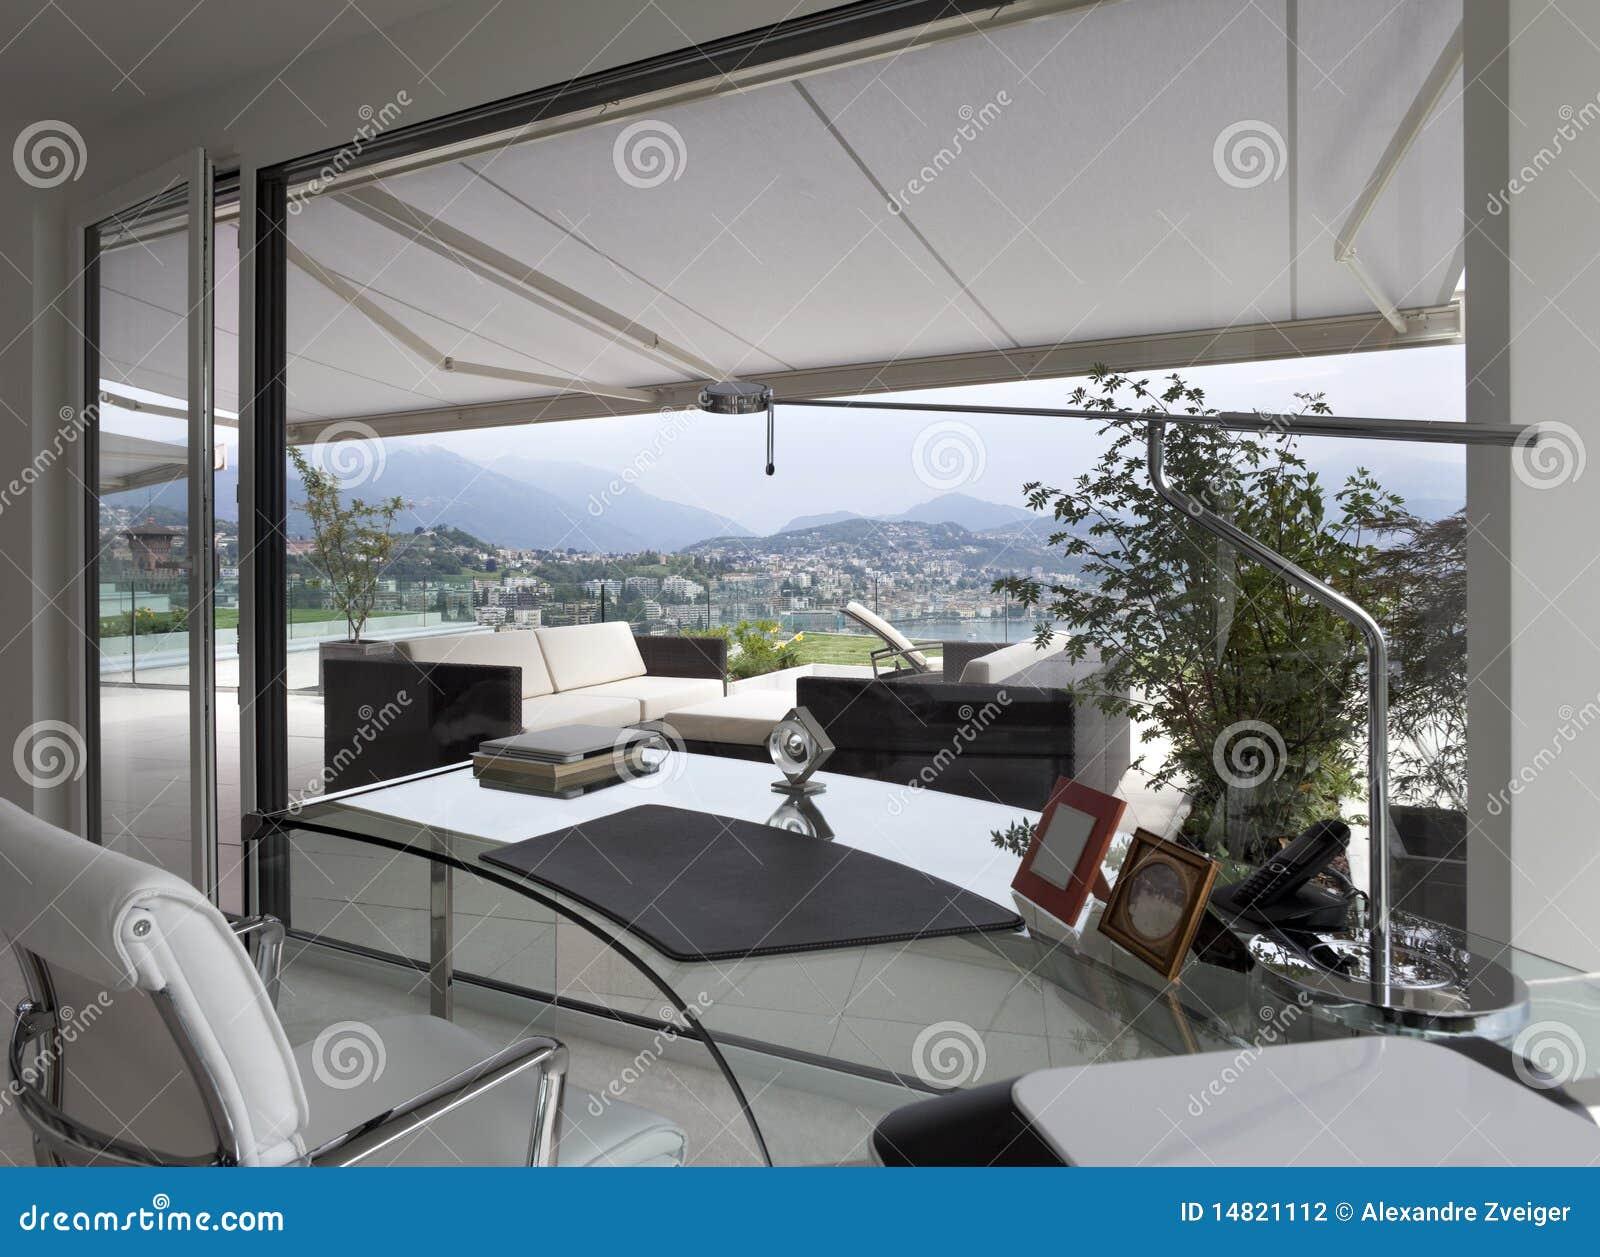 Bel int rieur d 39 une maison moderne photographie stock image 14821112 - Interieur d une maison ...